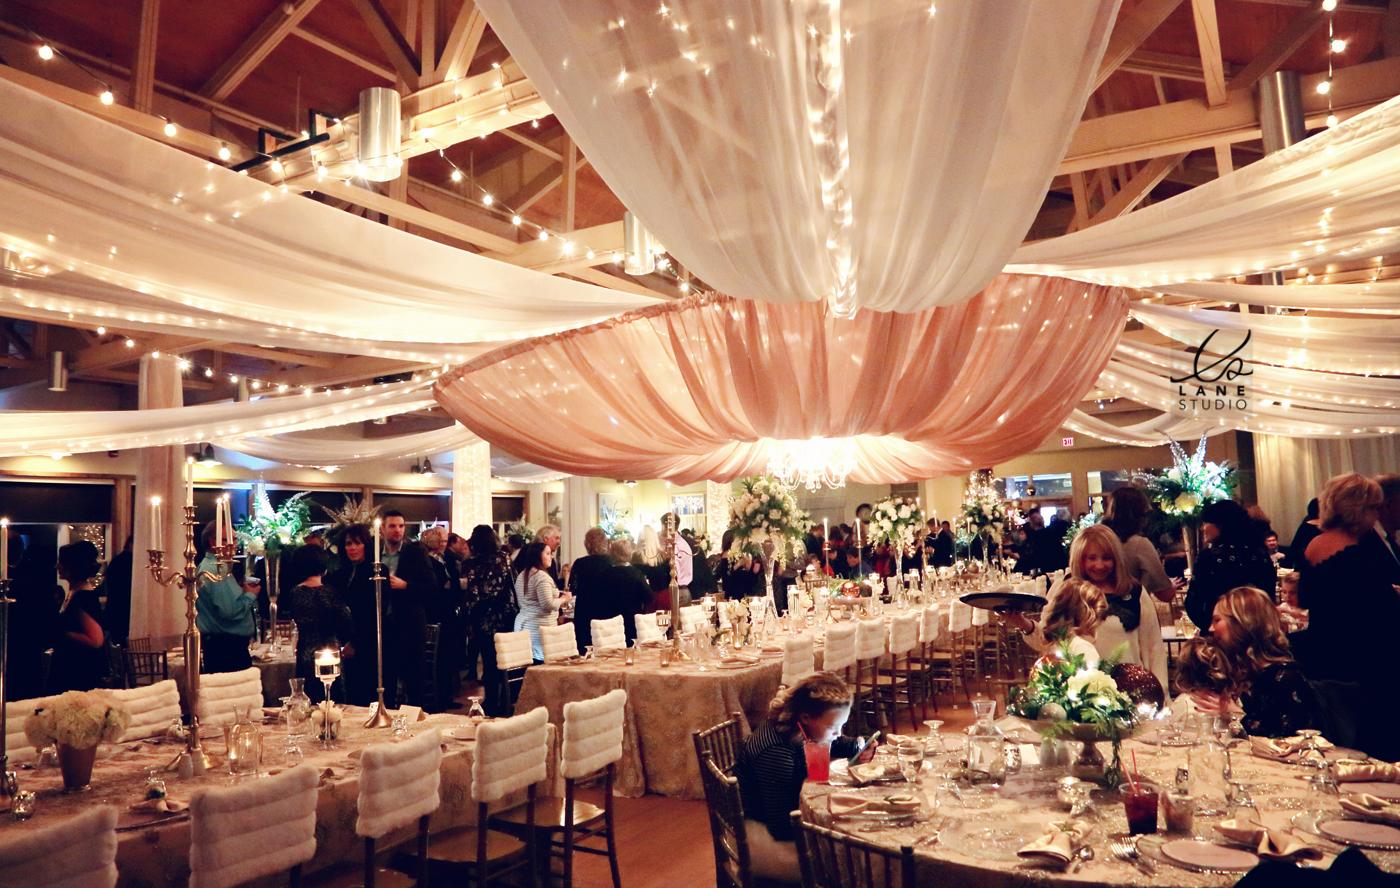 Lavish decor for all events